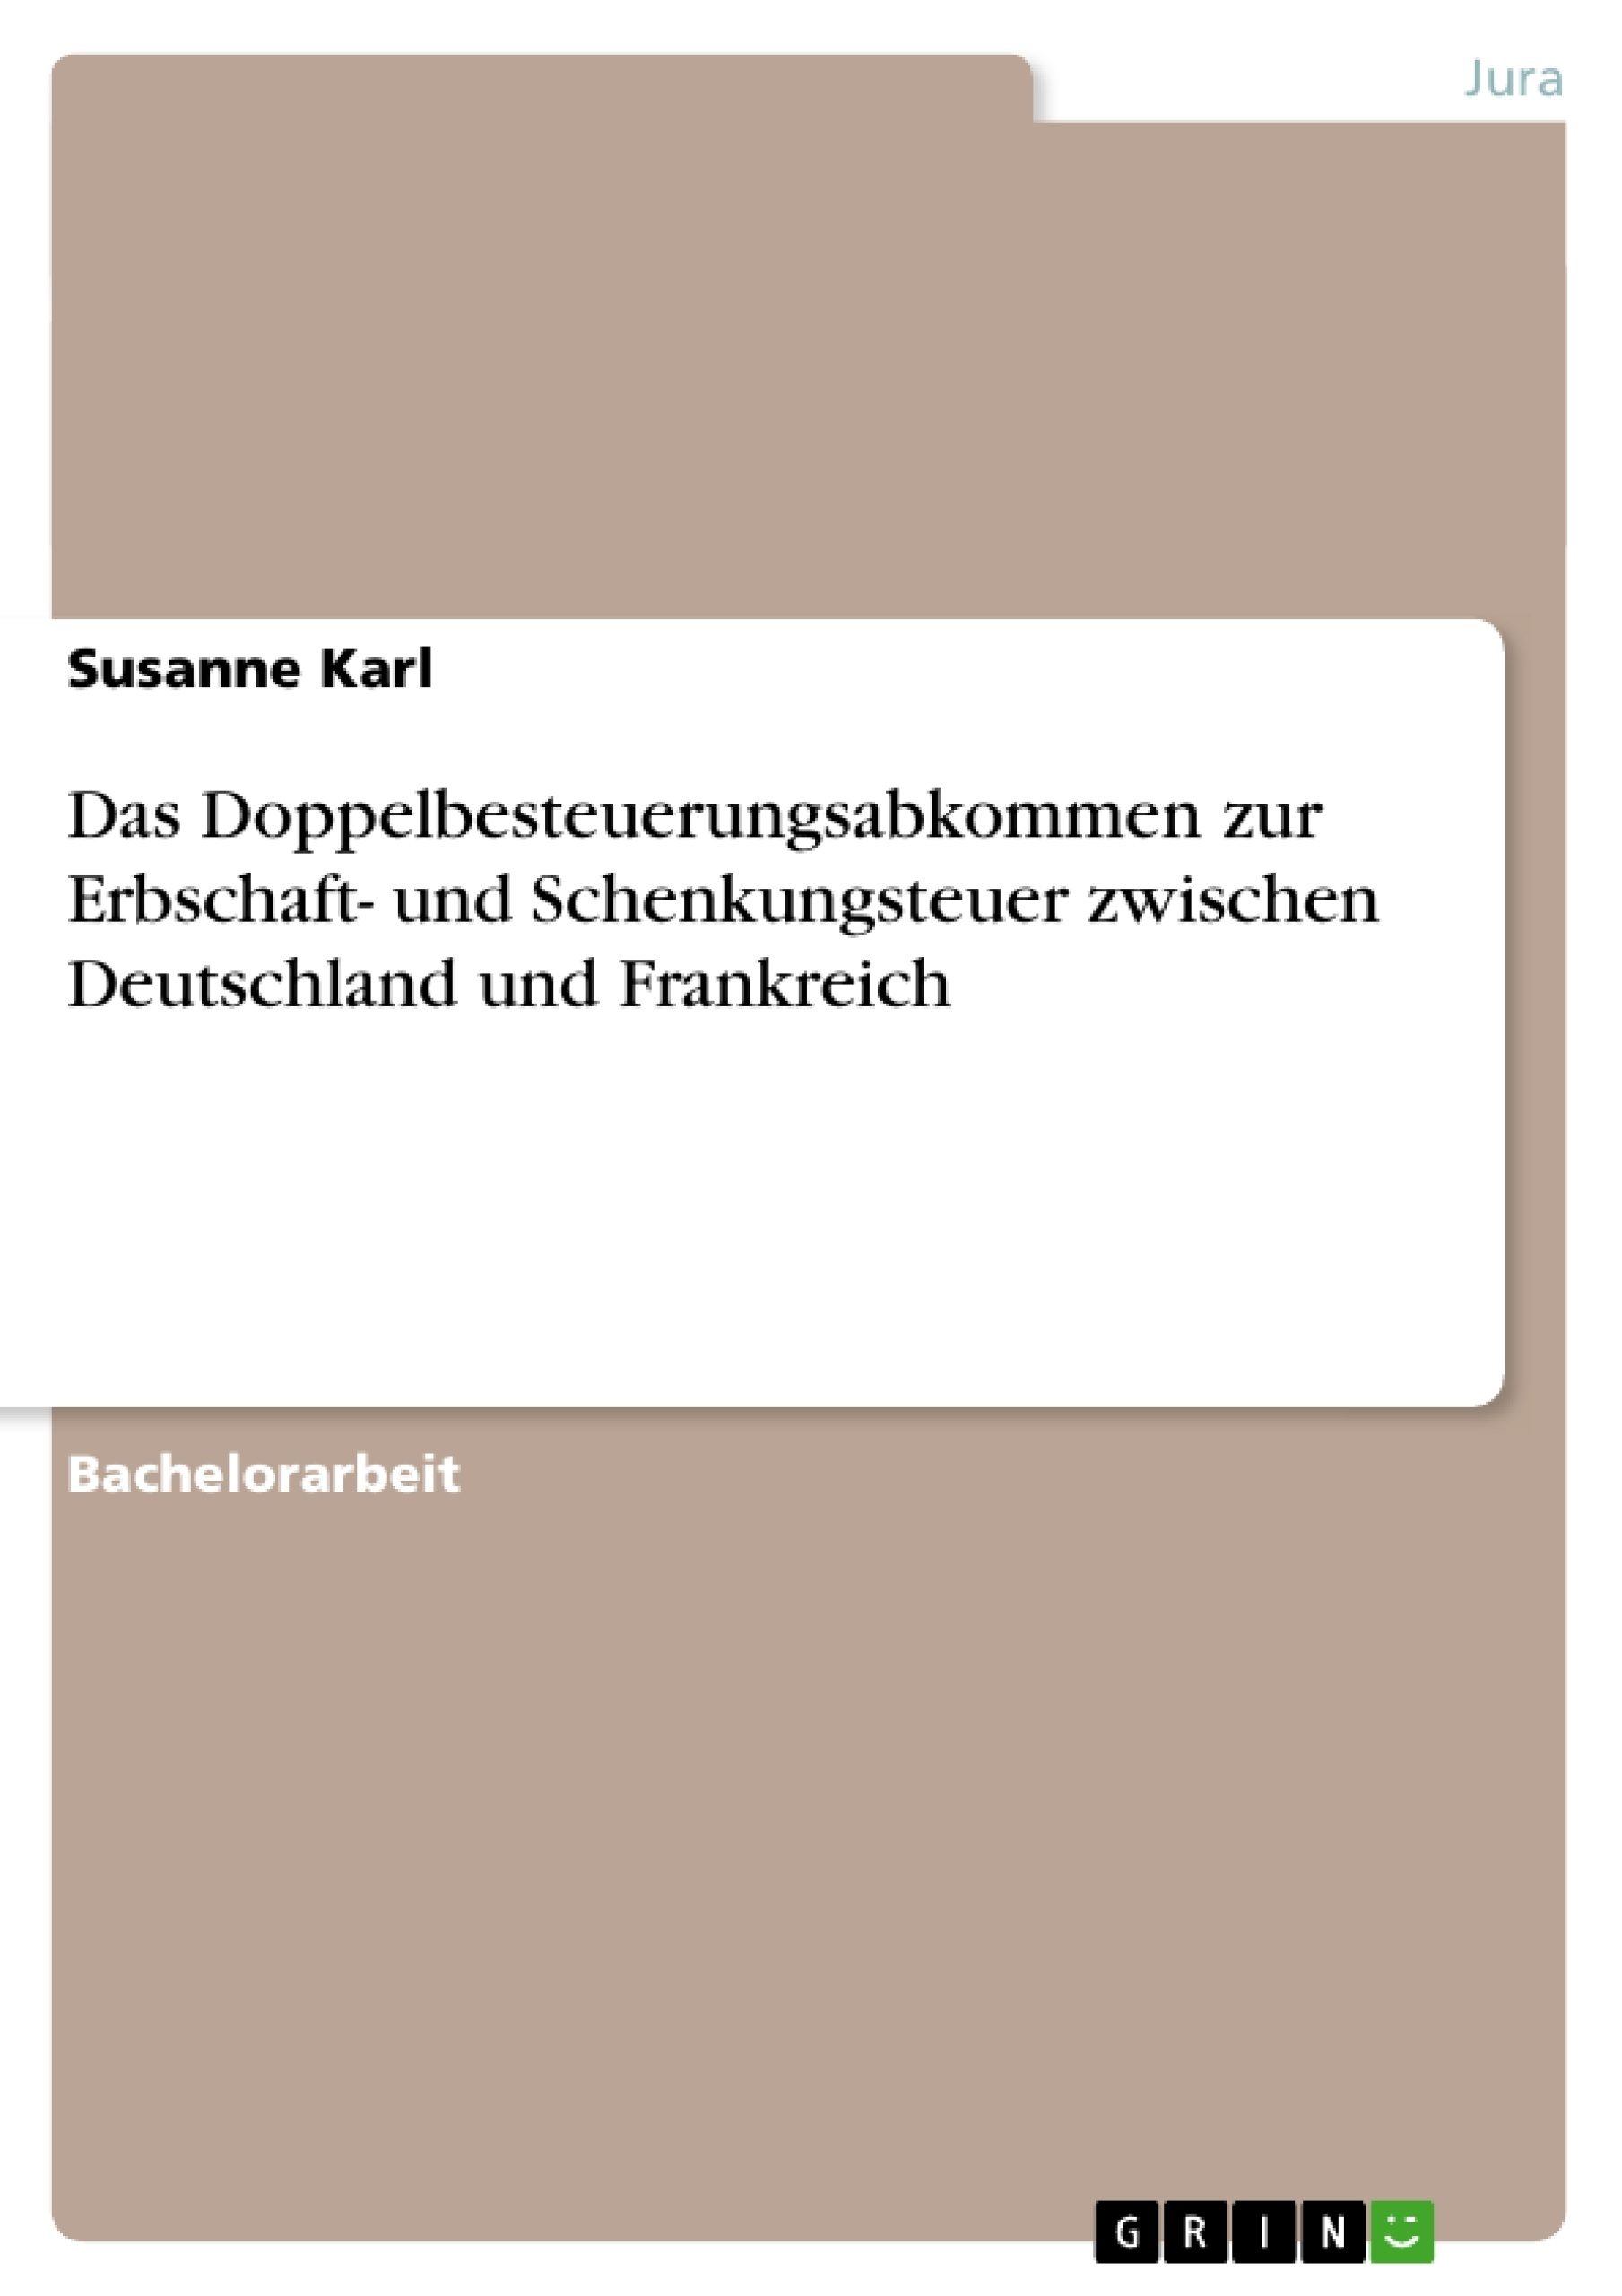 Titel: Das Doppelbesteuerungsabkommen zur Erbschaft- und Schenkungsteuer zwischen Deutschland und Frankreich